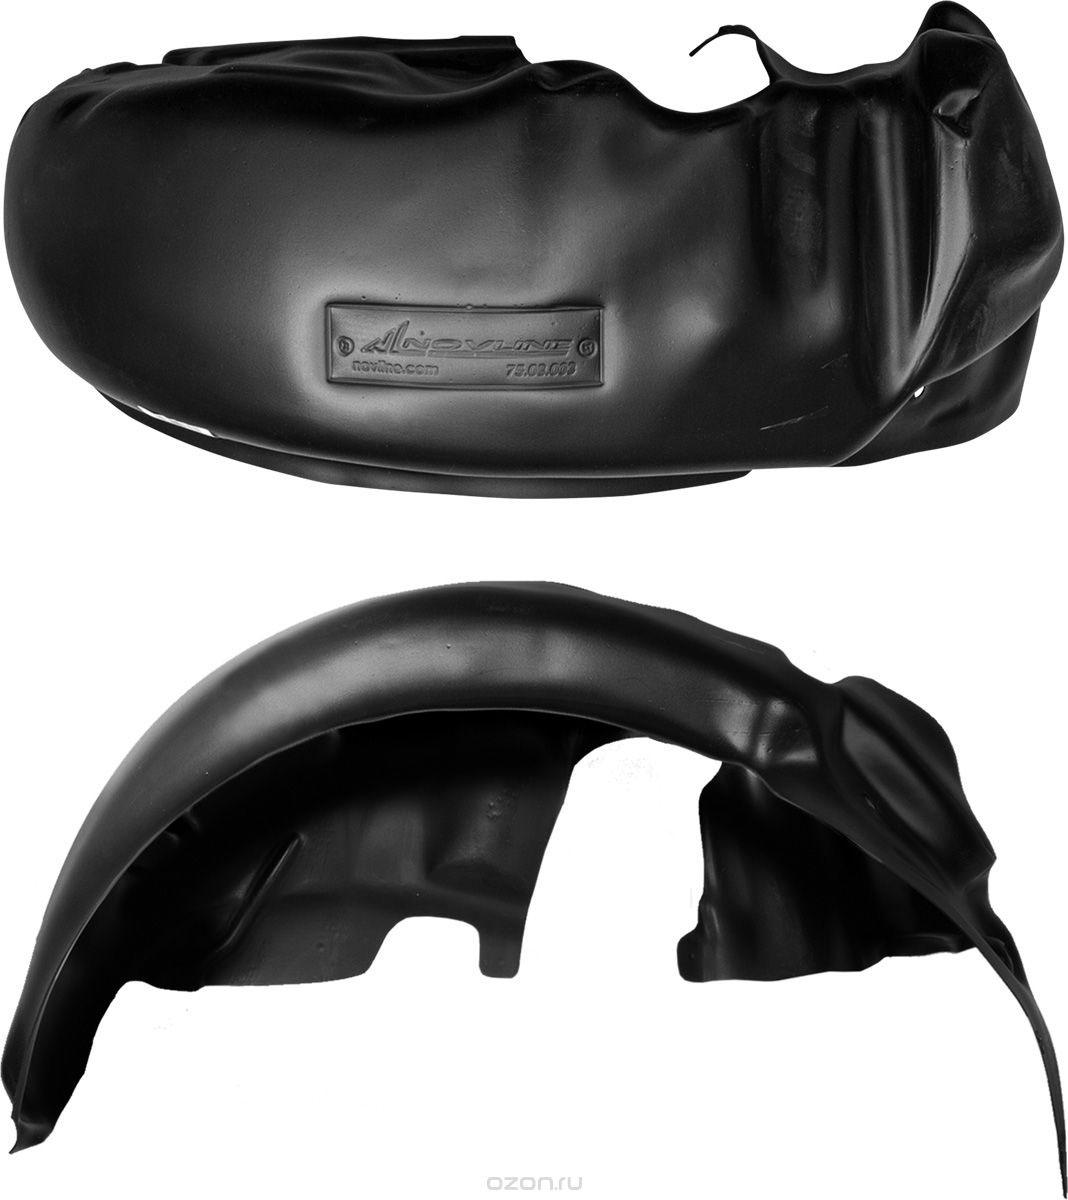 Подкрылок Novline-Autofamily, для Toyota Venza, 2013->, передний левыйNLL.48.56.001Идеальная защита колесной ниши. Локеры разработаны с применением цифровых технологий, гарантируют максимальную повторяемость поверхности арки. Изделия устанавливаются без нарушения лакокрасочного покрытия автомобиля, каждый подкрылок комплектуется крепежом. Уважаемые клиенты, обращаем ваше внимание, что фотографии на подкрылки универсальные и не отражают реальную форму изделия. При этом само изделие идет точно под размер указанного автомобиля.